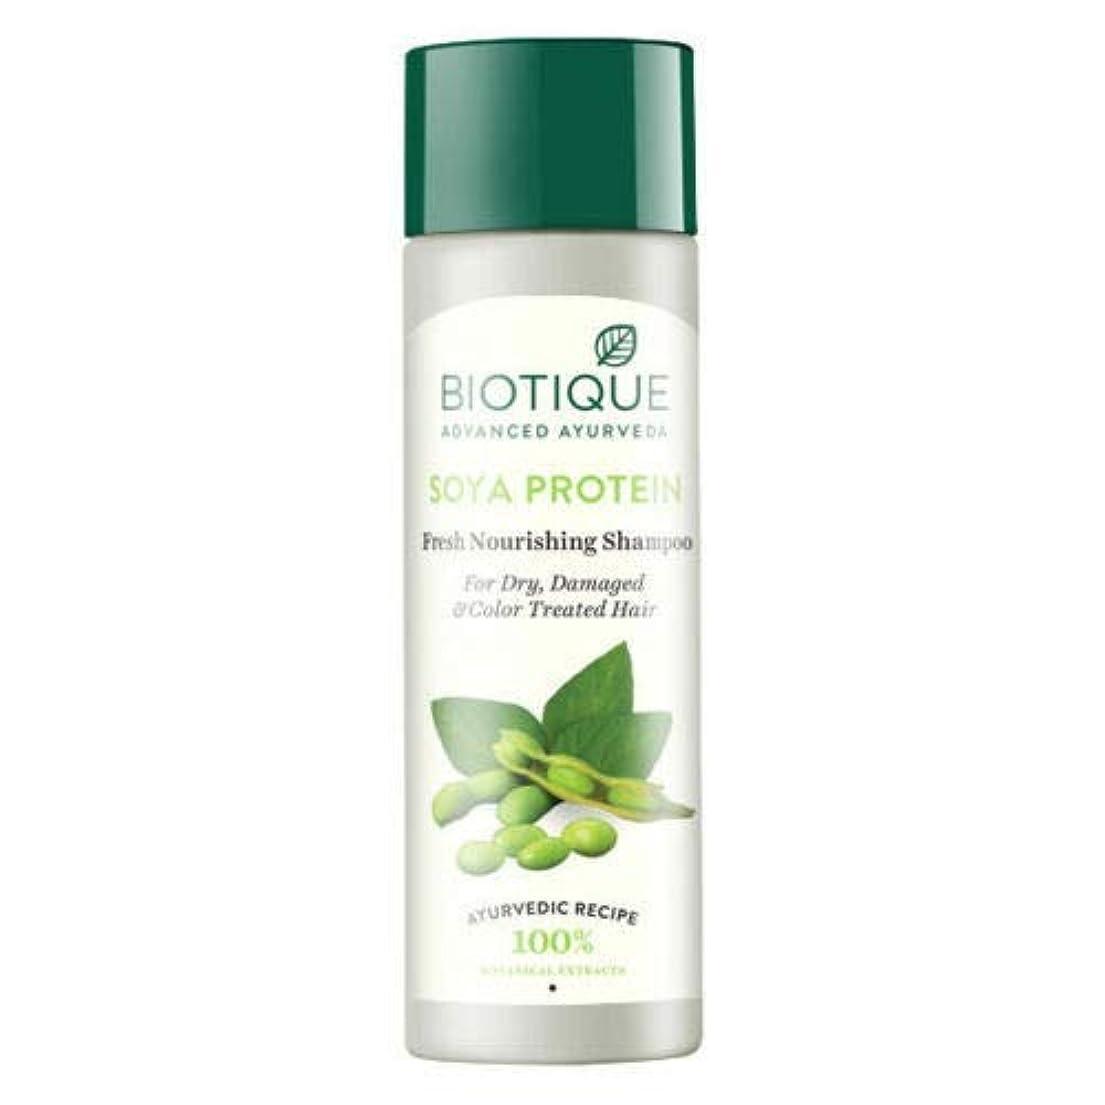 推測かすれた曇ったBiotique Bio Soya Protein Fresh Nourishing Shampoo (190 ml) For Dry Hairs 乾いた毛のためのBiotiqueバイオ大豆タンパク質新鮮な栄養シャンプー